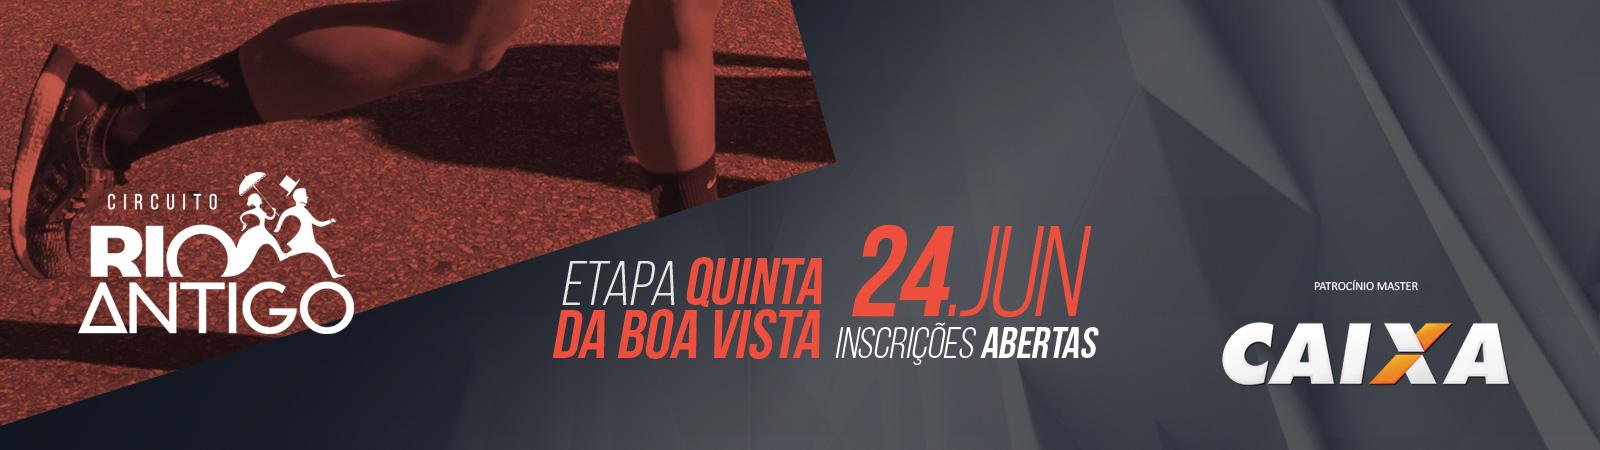 CIRCUITO RIO ANTIGO 2018 - Etapa Quinta da Boa Vista - Imagem de topo